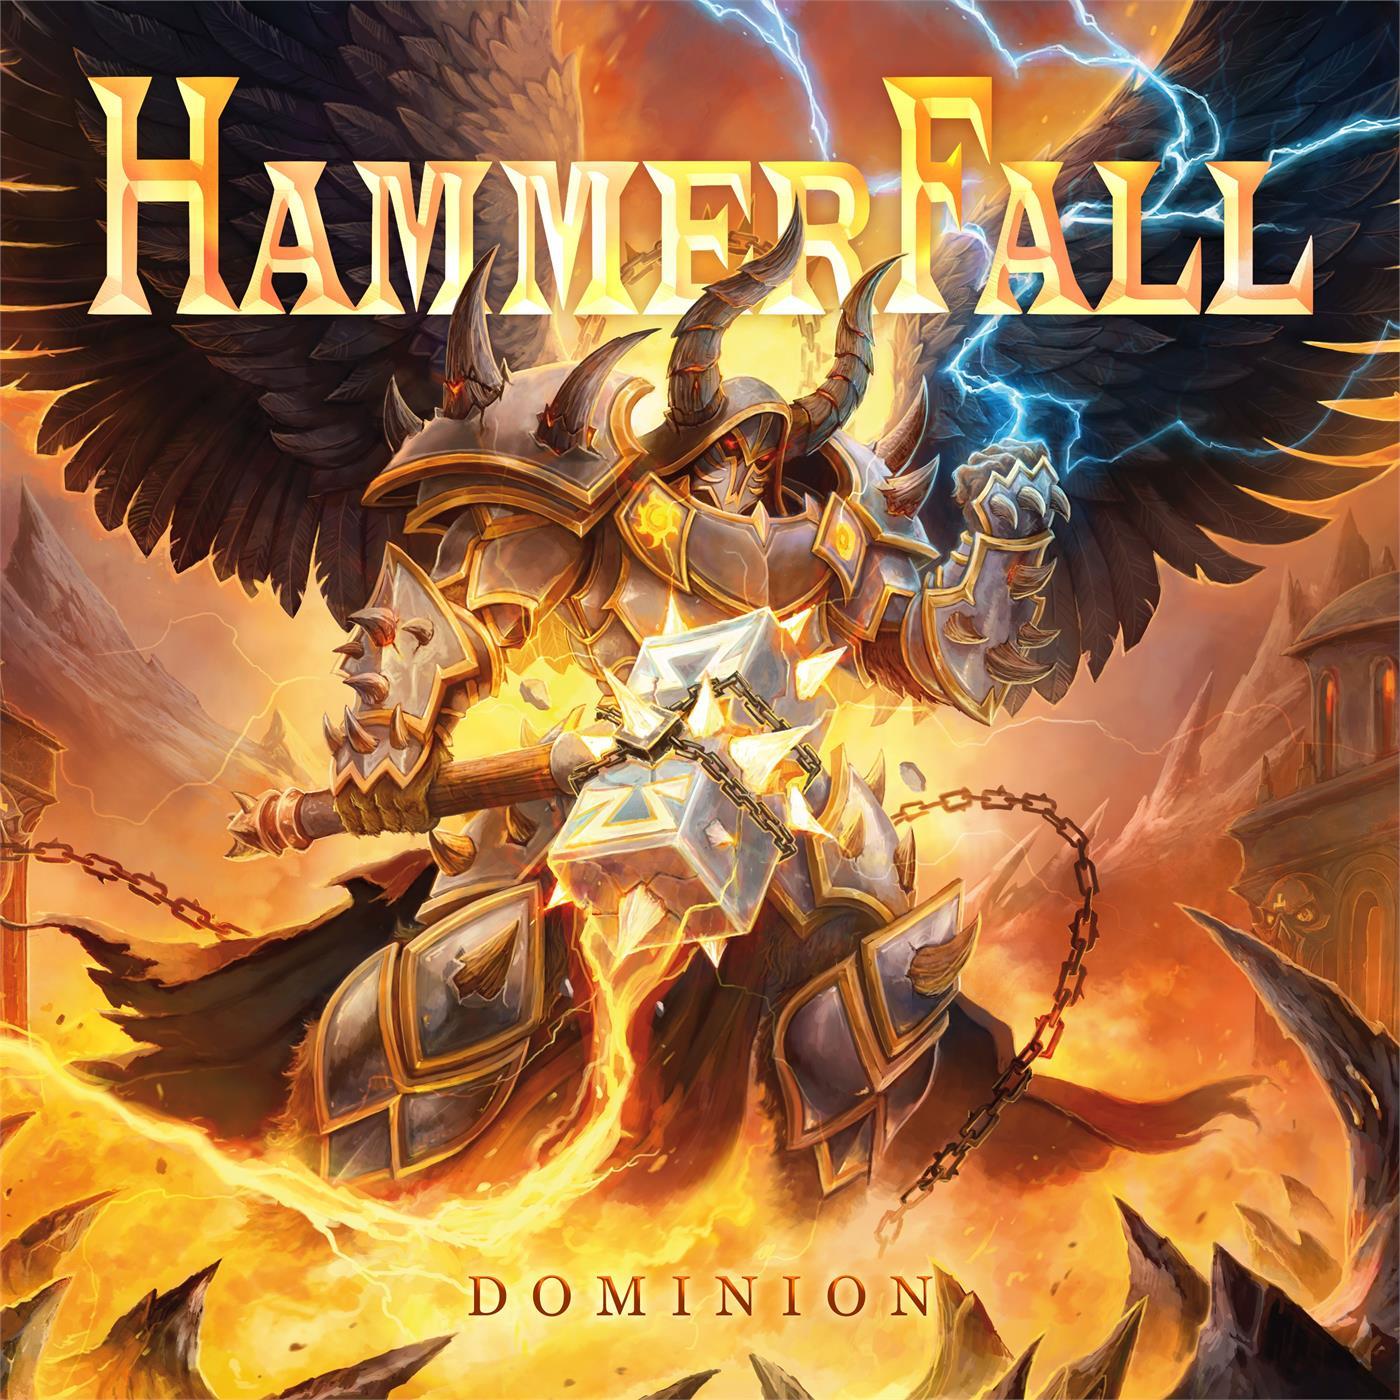 Hammerfall – Dominion [LP]